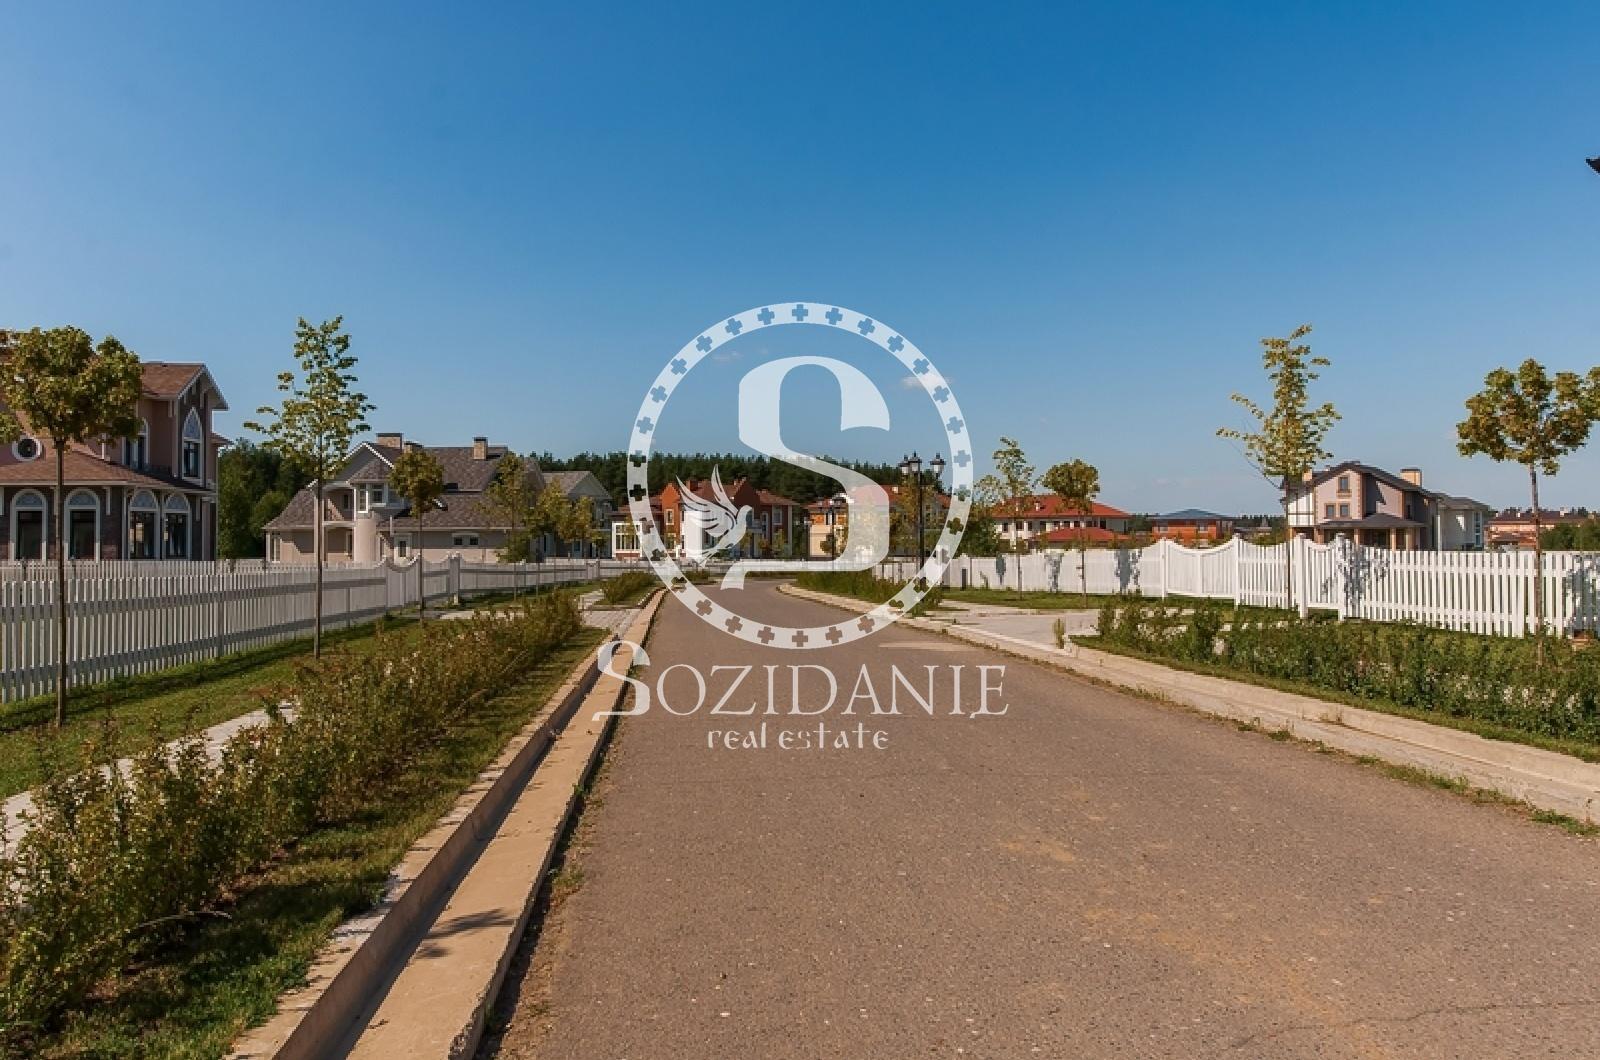 Загородная, Продажа, Listing ID 1409, Московская область, Россия,